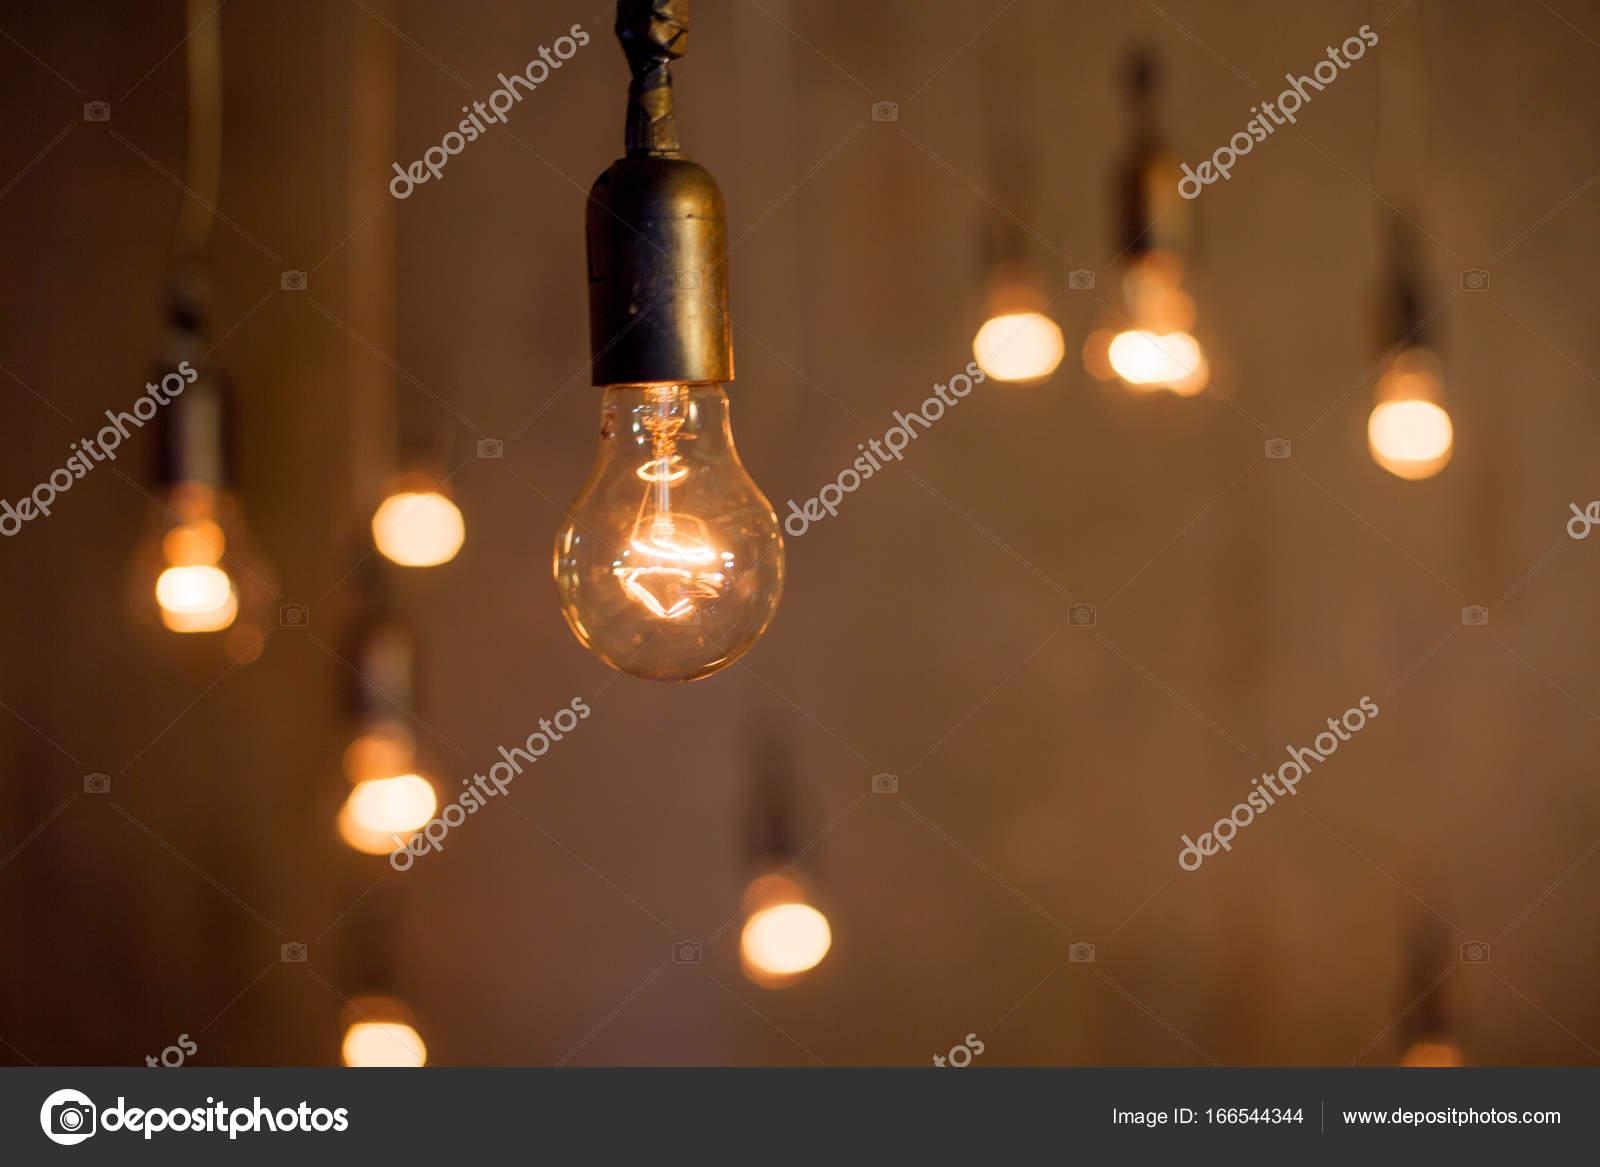 Lampen En Licht : Abstracte achtergrond met veel lampen licht concept van goede